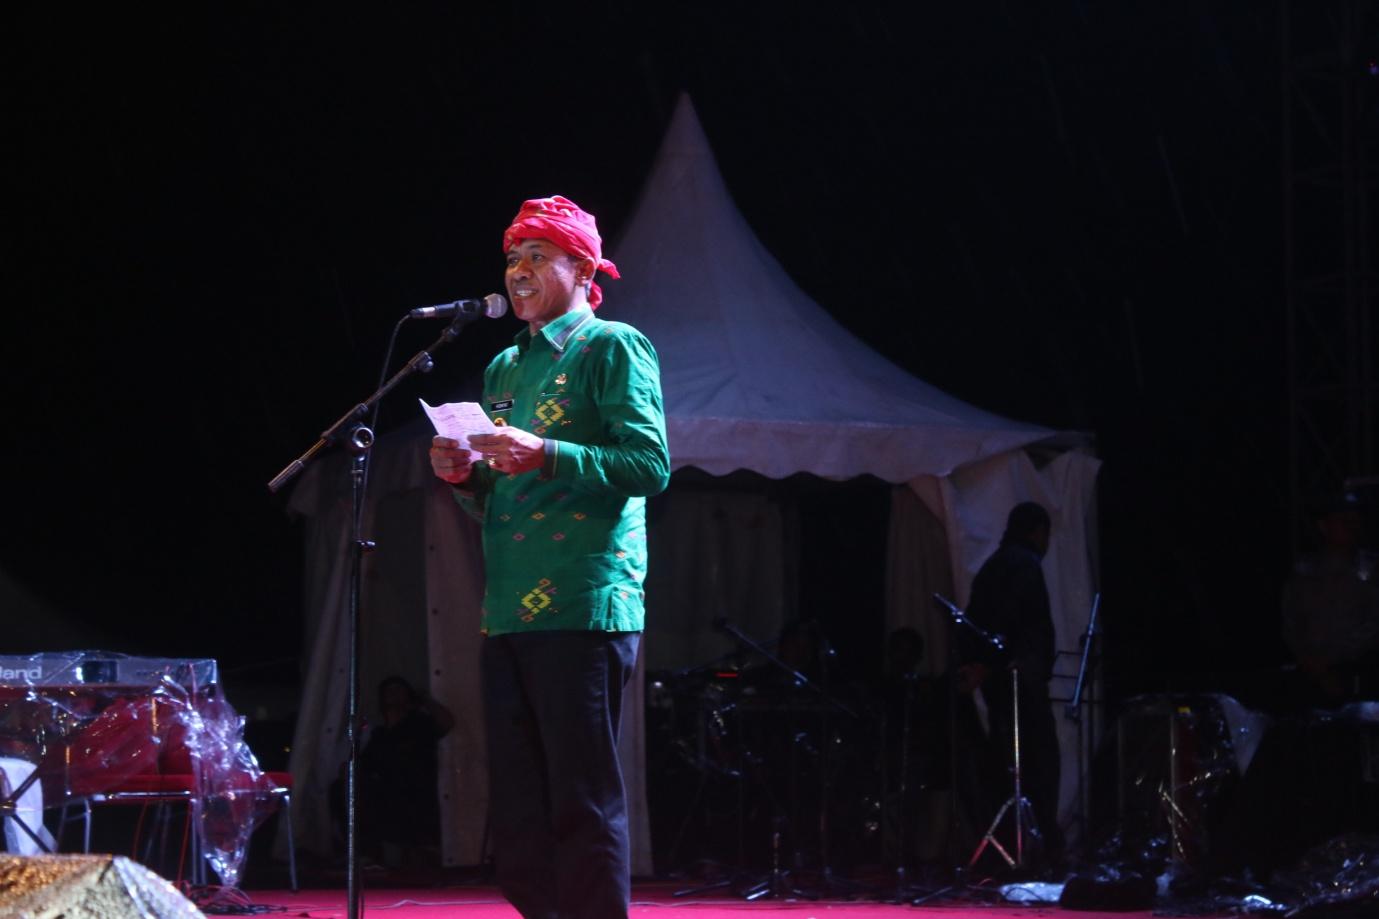 Pekan Budaya Indonesia III dan Palu Nomoni Resmi Dibuka